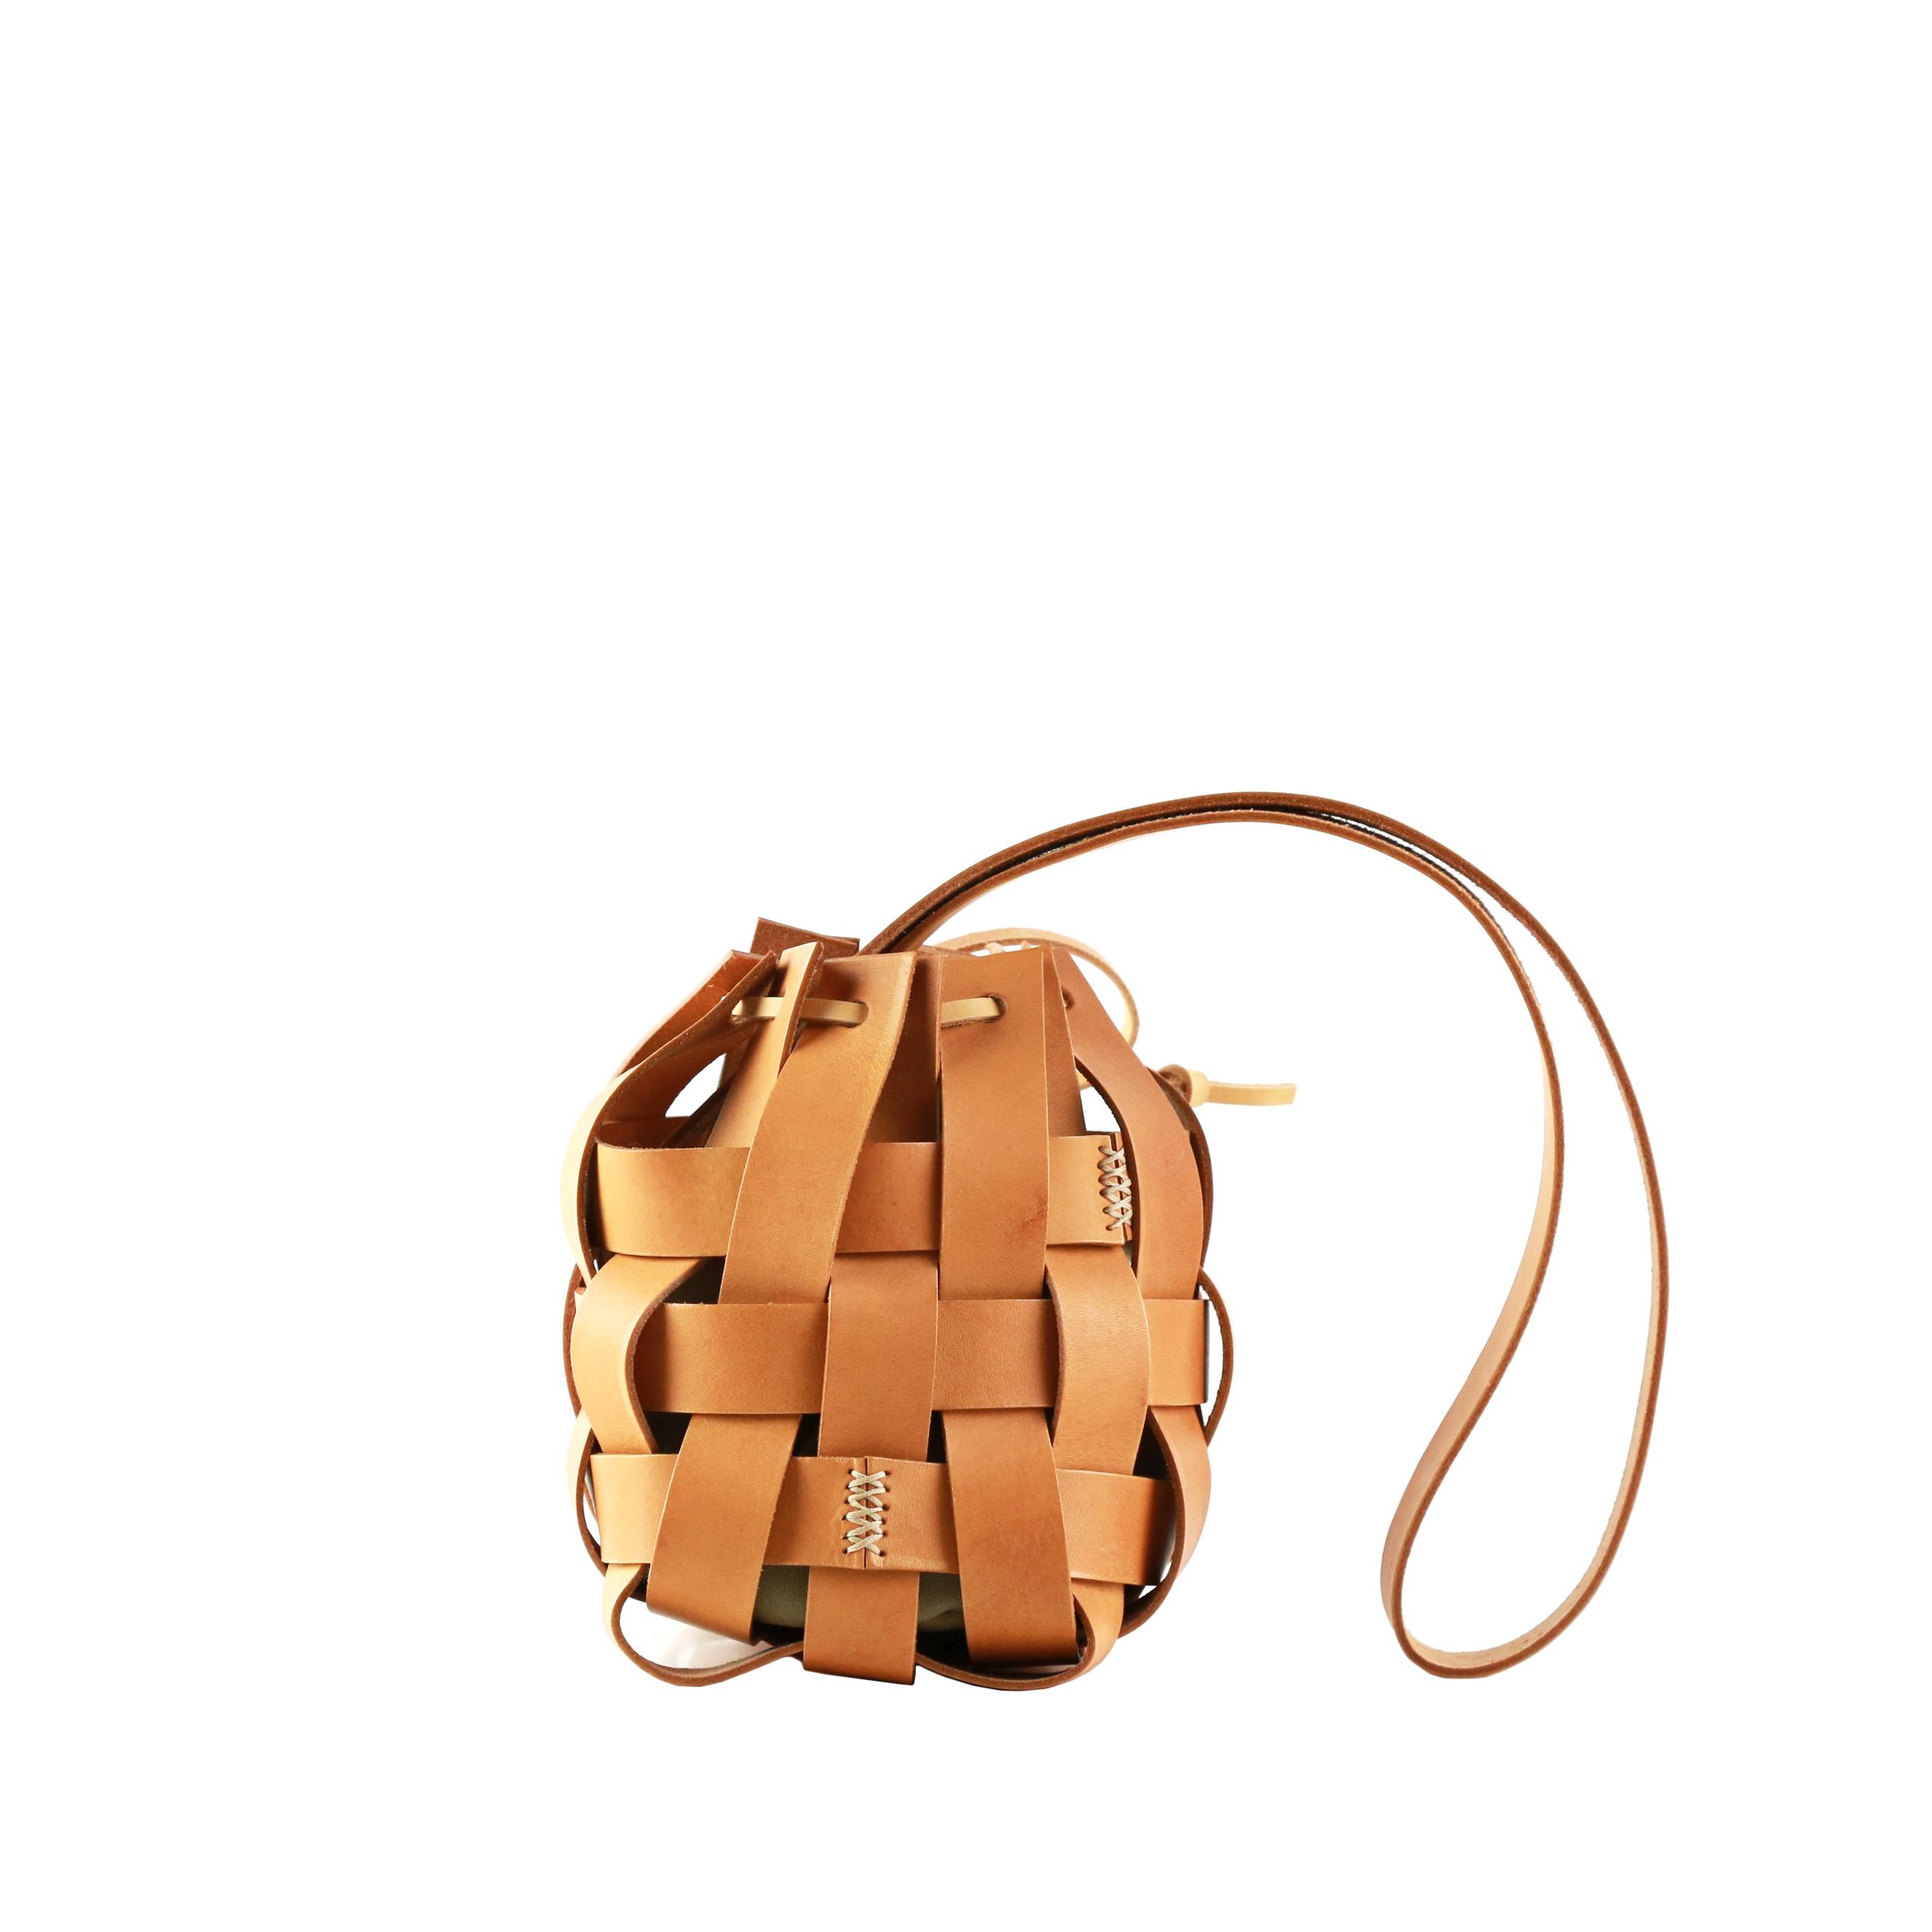 Pane-Woven-Basket-Bag-2